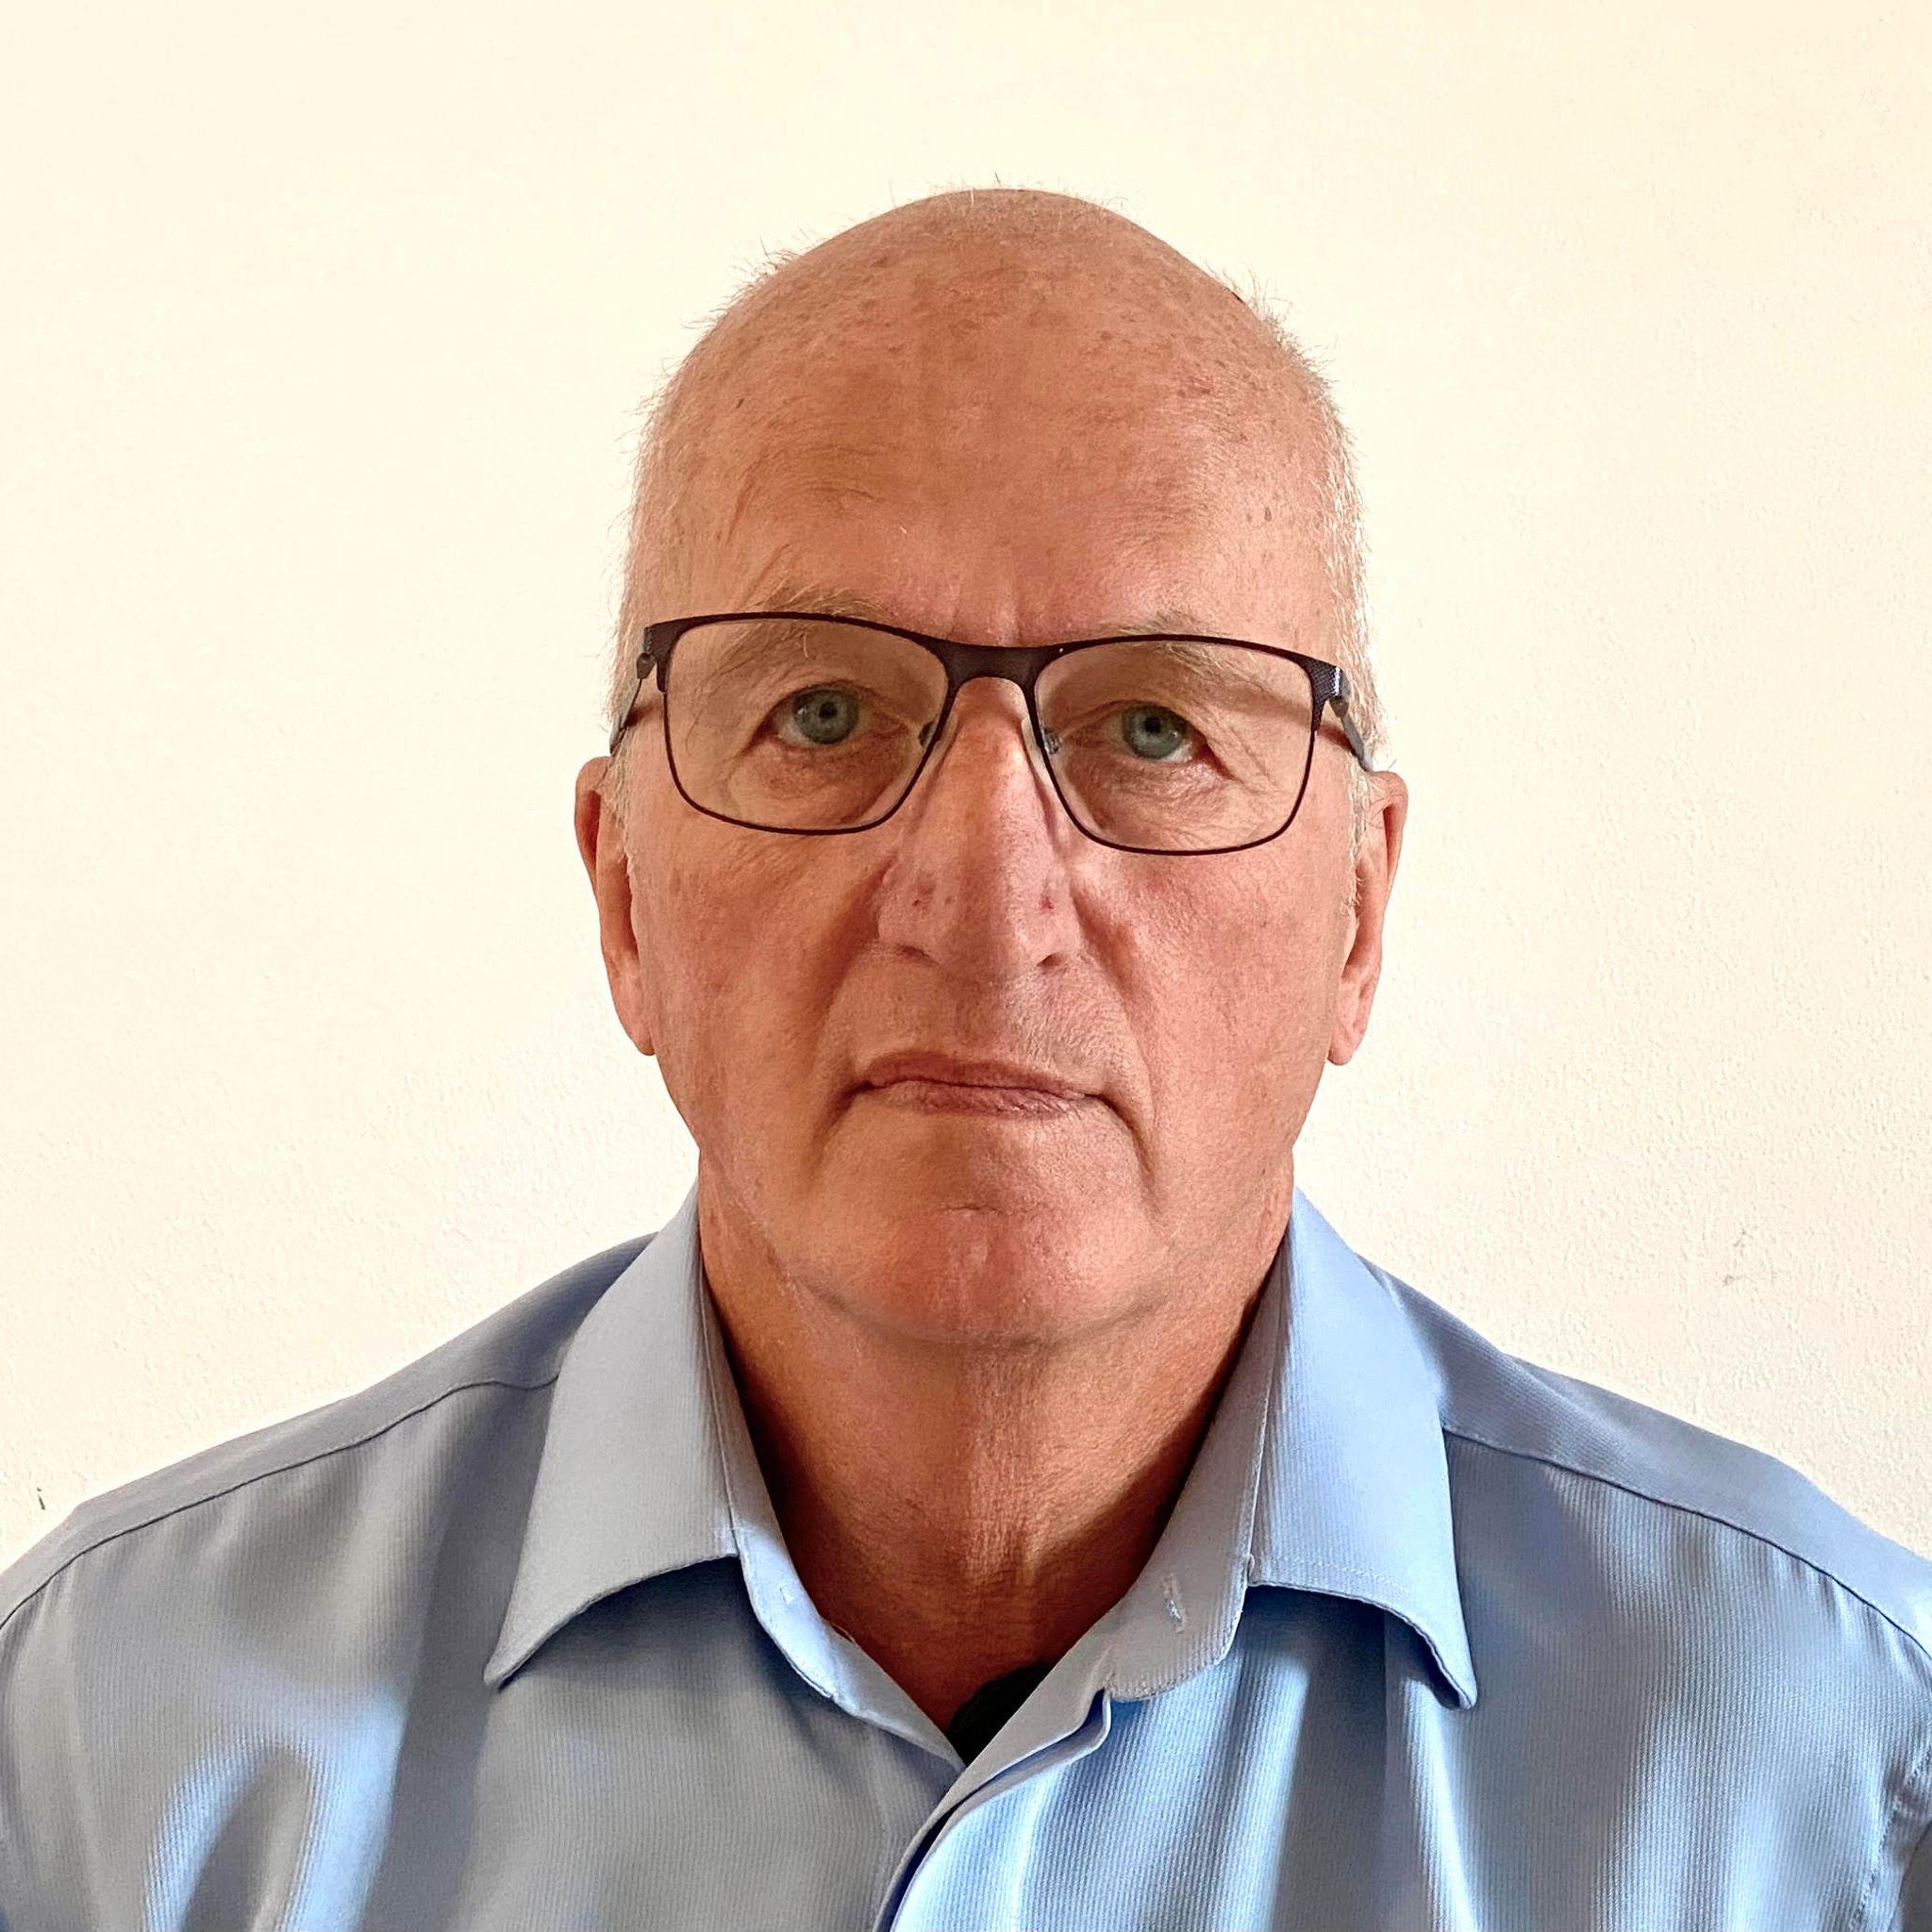 Harm-Gerd Blaas